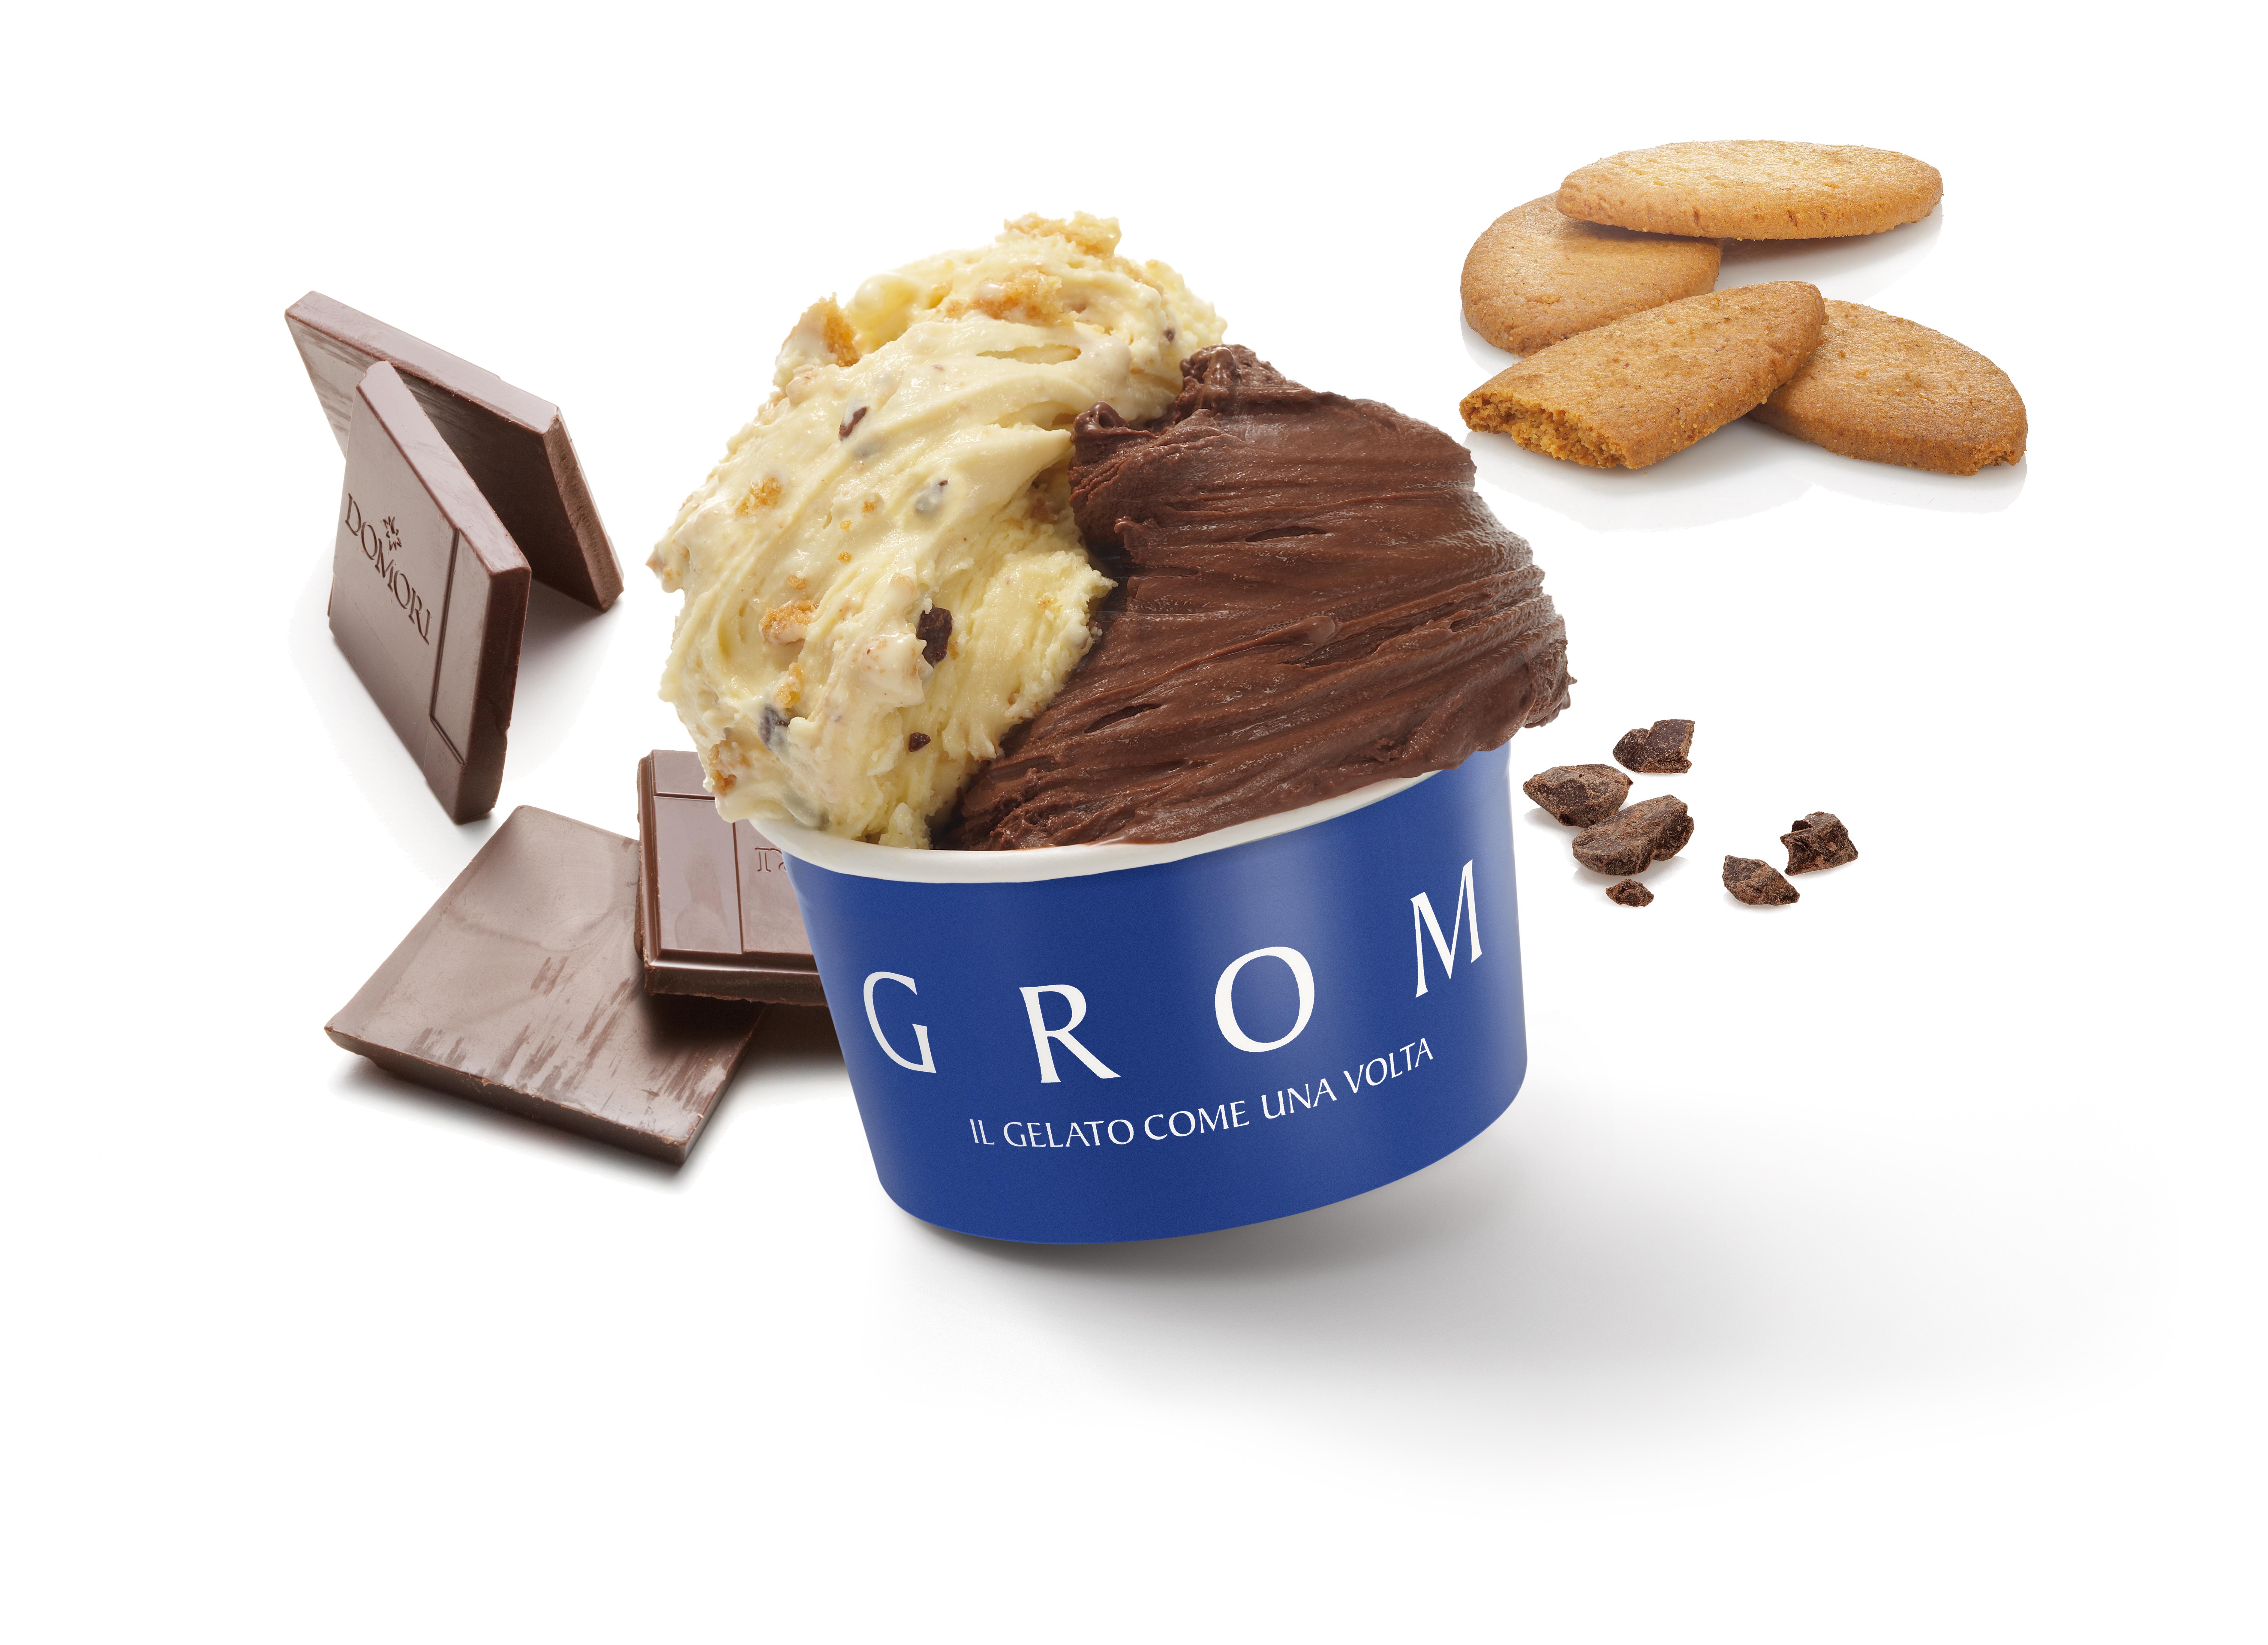 cop-crema-grom-cioccolato-no-sfondo